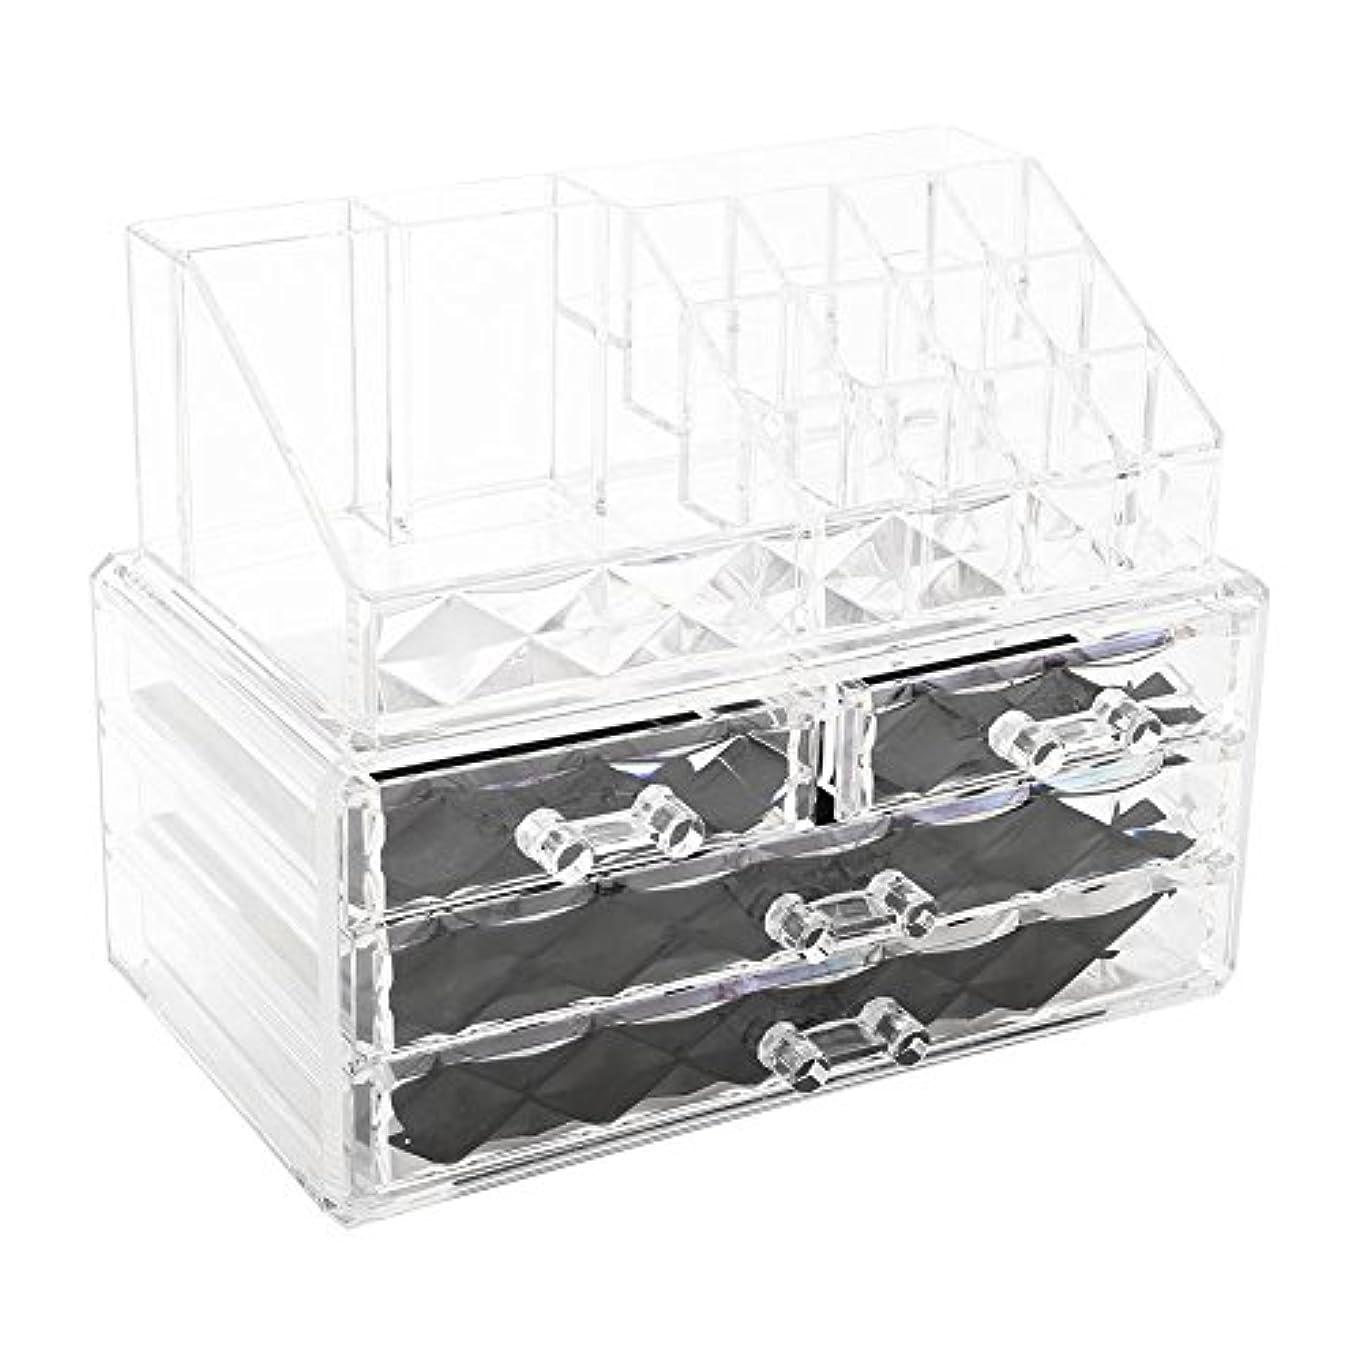 テロリストコンベンションアパル化粧品収納ボックス アクリル製 2段式 三つ引き出し 大容量 多機能 丈夫 耐用 防塵 高透明度 化粧道具 小物入れ 化粧品入れ コスメ収納スタンド(2色) (透明)